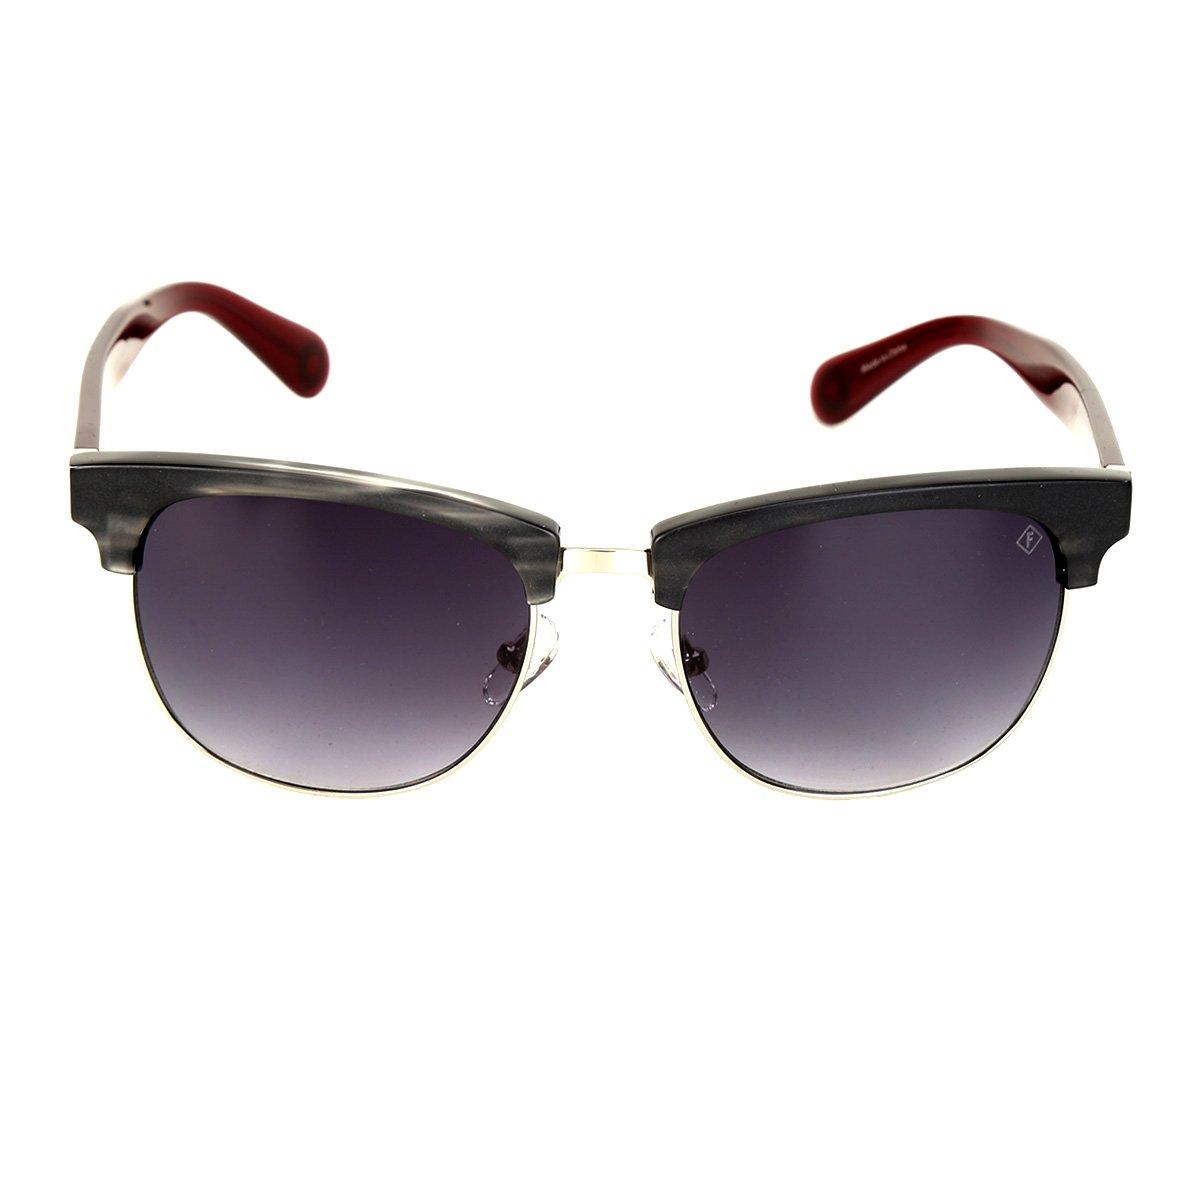 Óculos de Sol Forum Degradê Feminino - Vermelho - Compre Agora   Zattini 26637eee1e